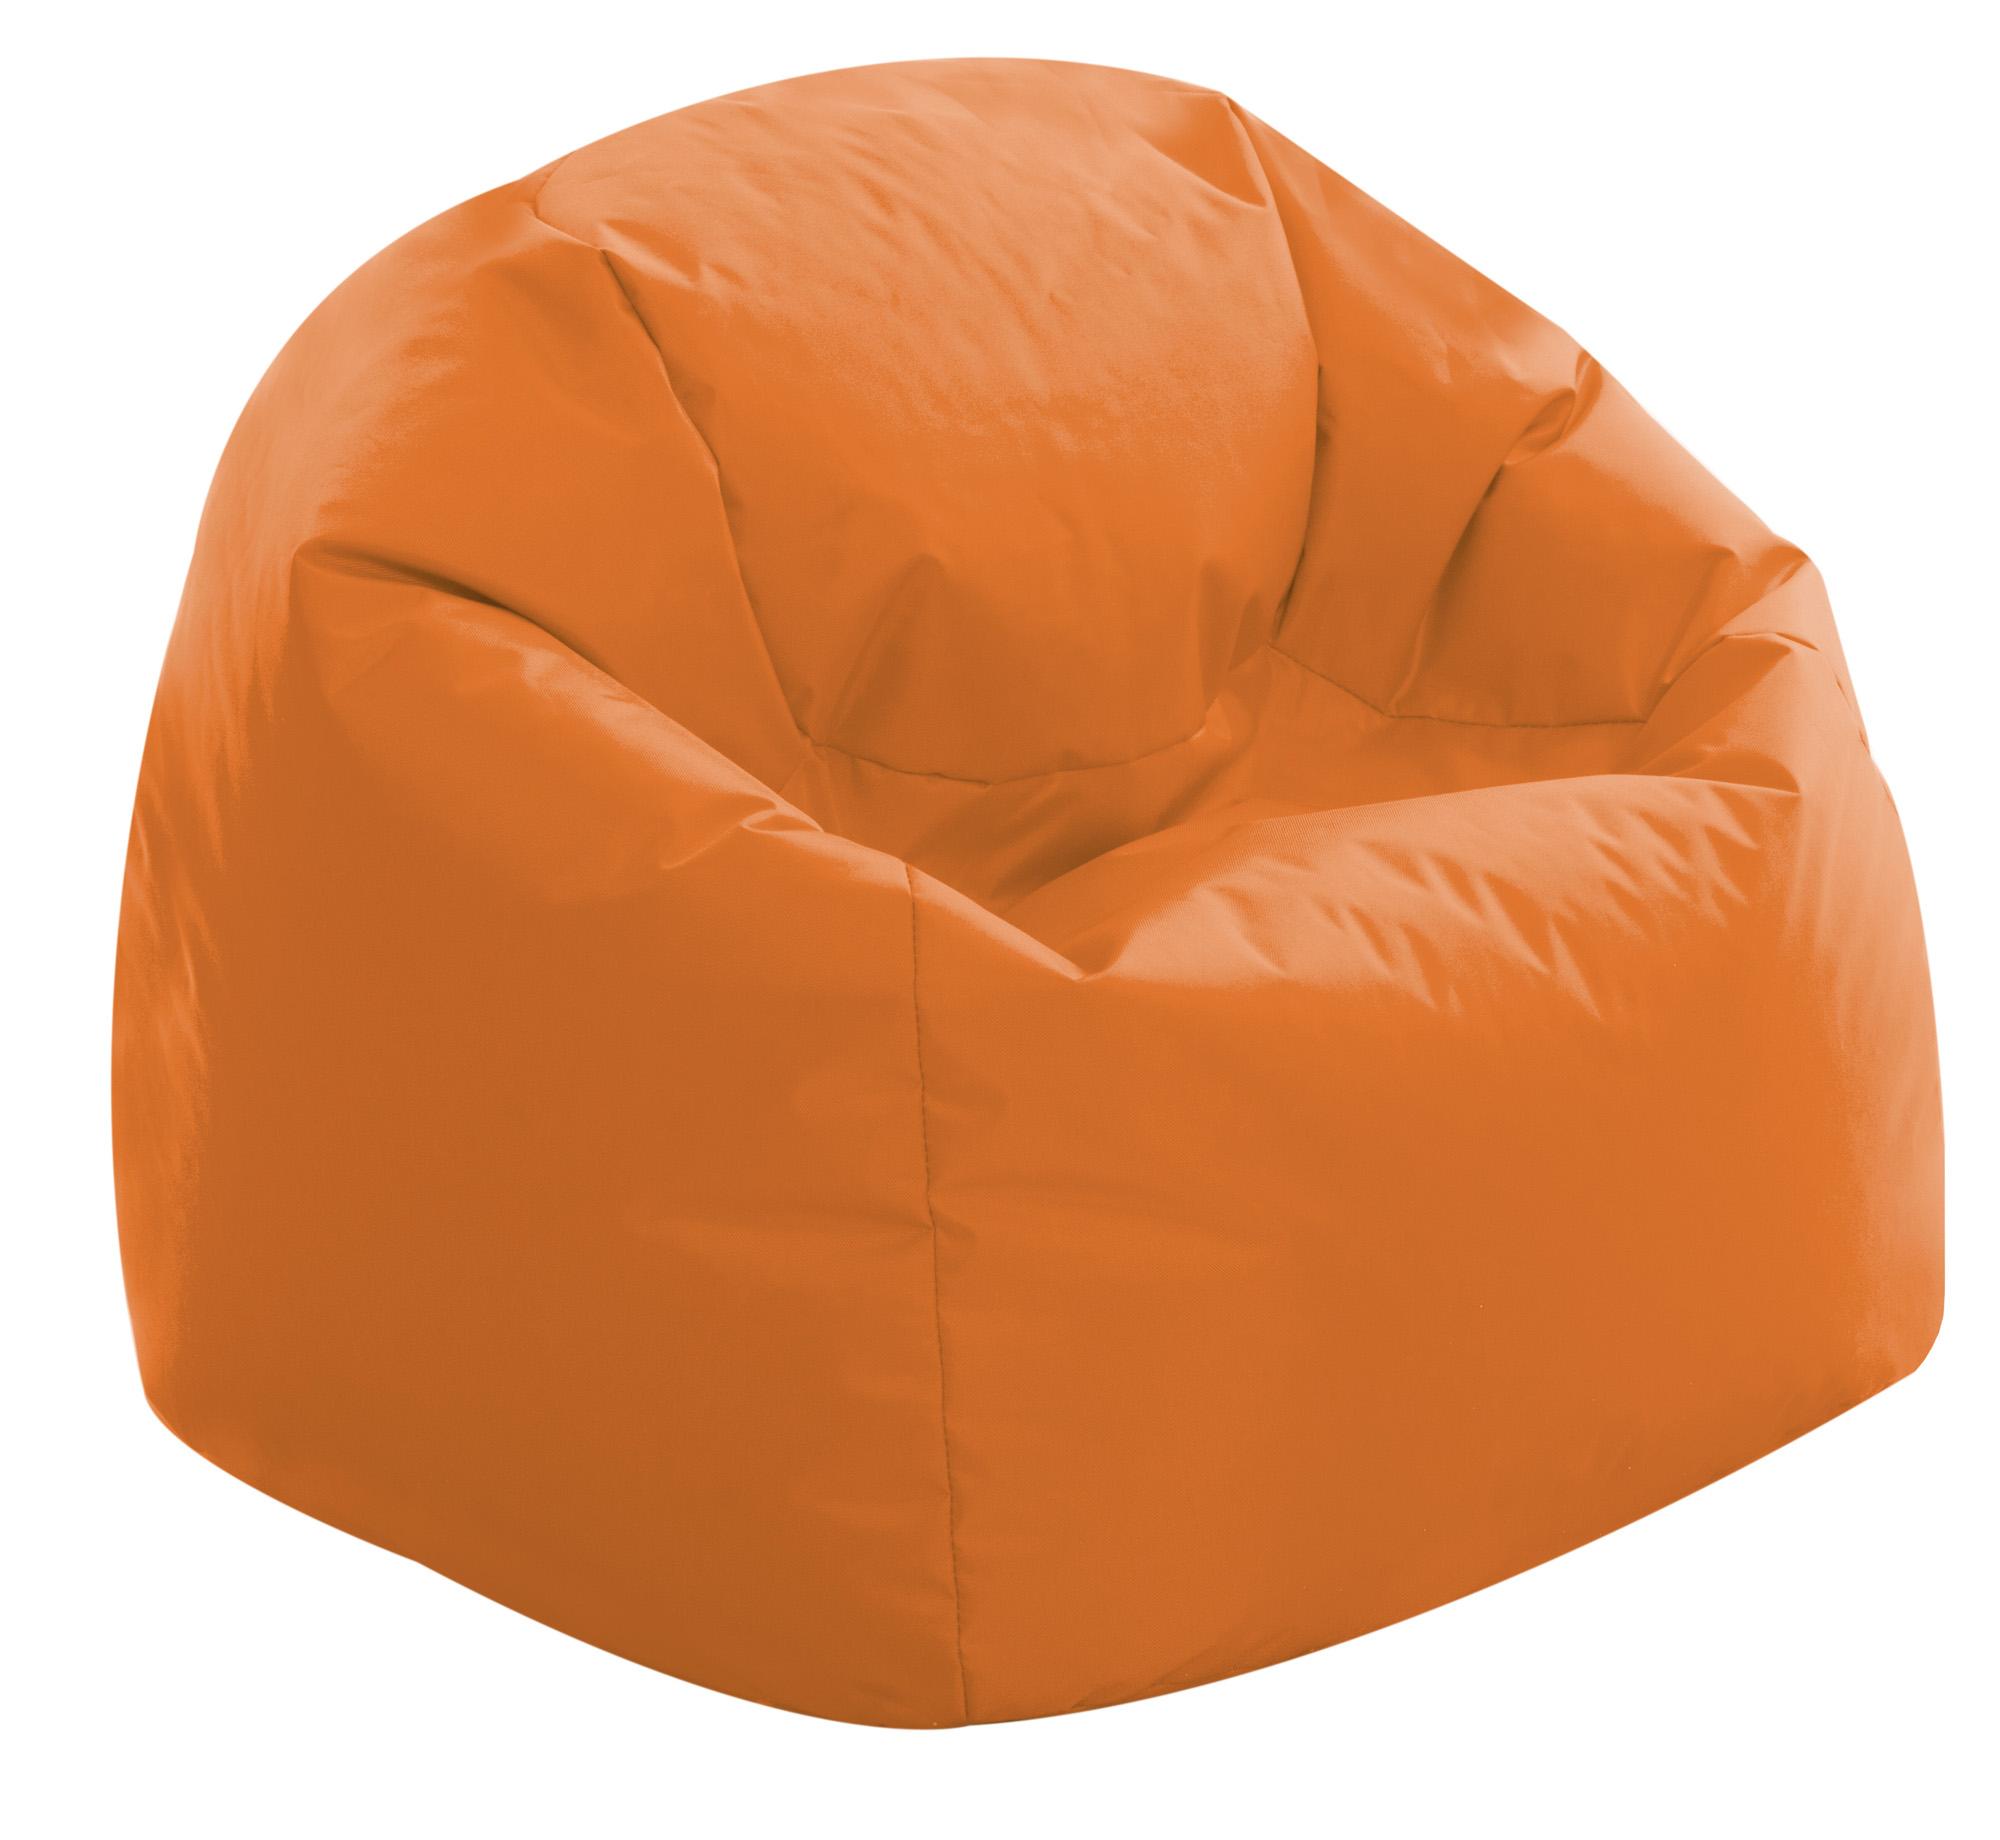 Eden-Primary-Bean-Bag-Orange-300dpi-1